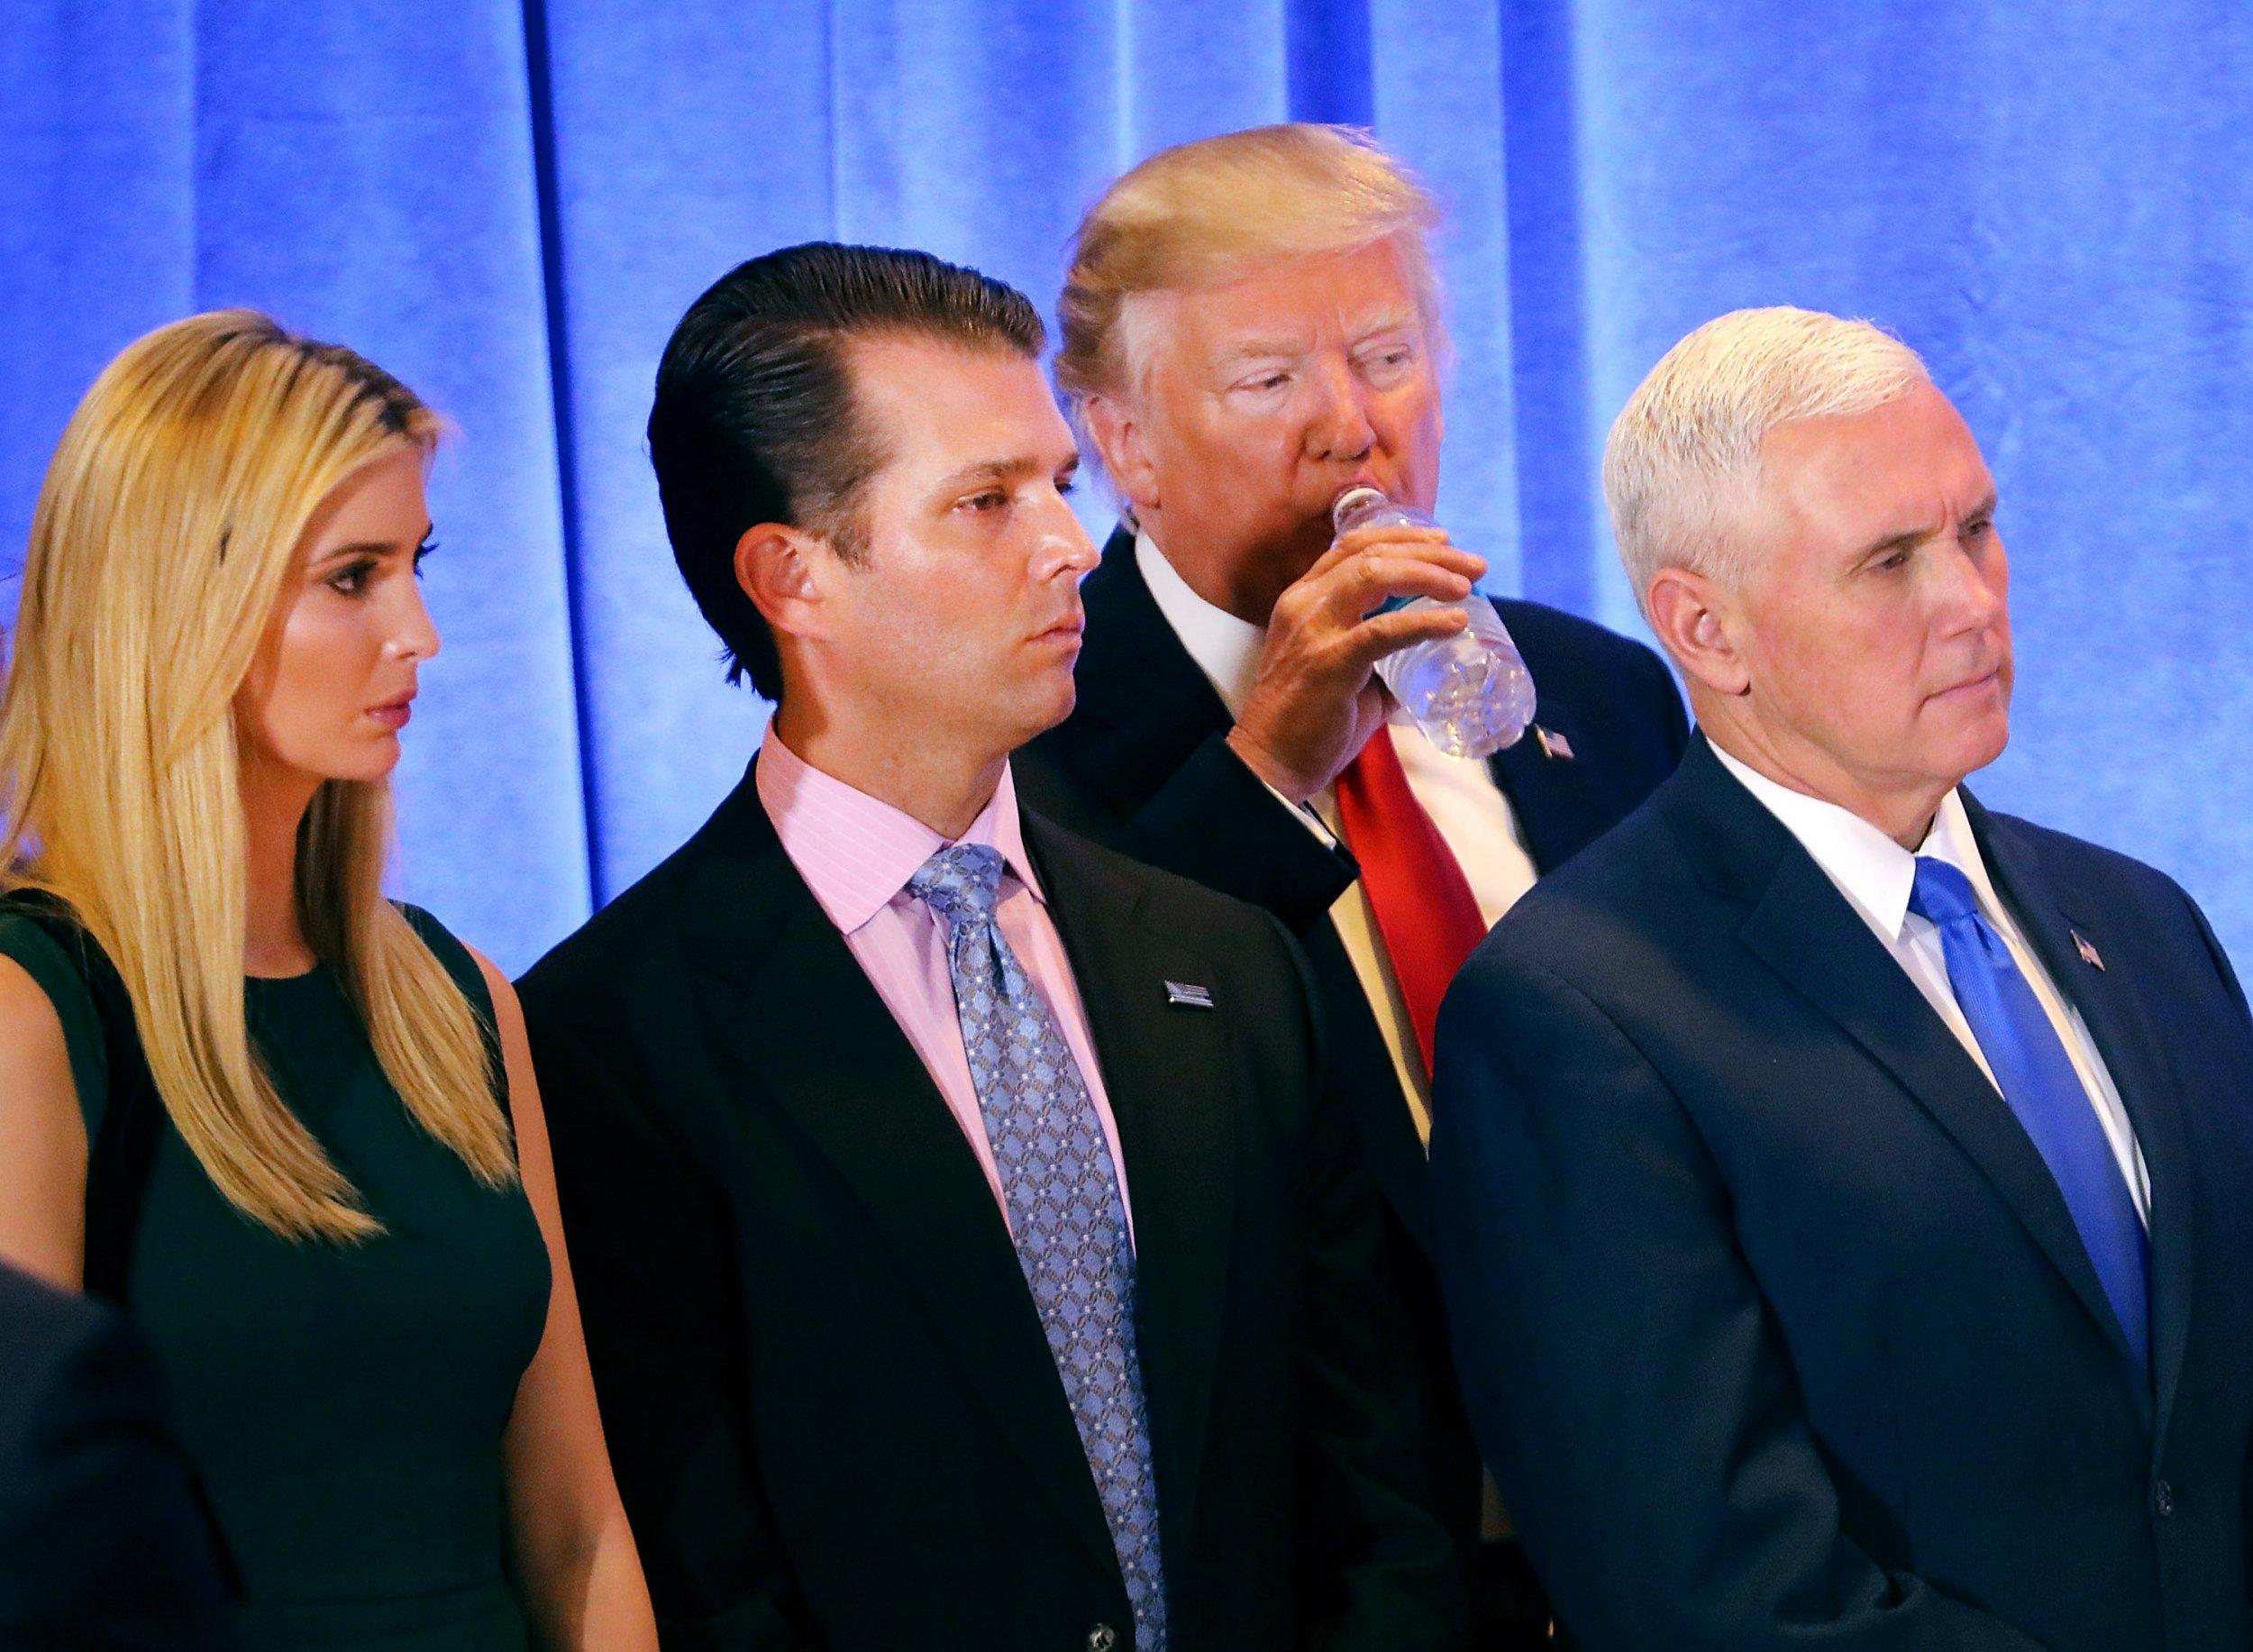 01_17_Trump_Illegitimate_01